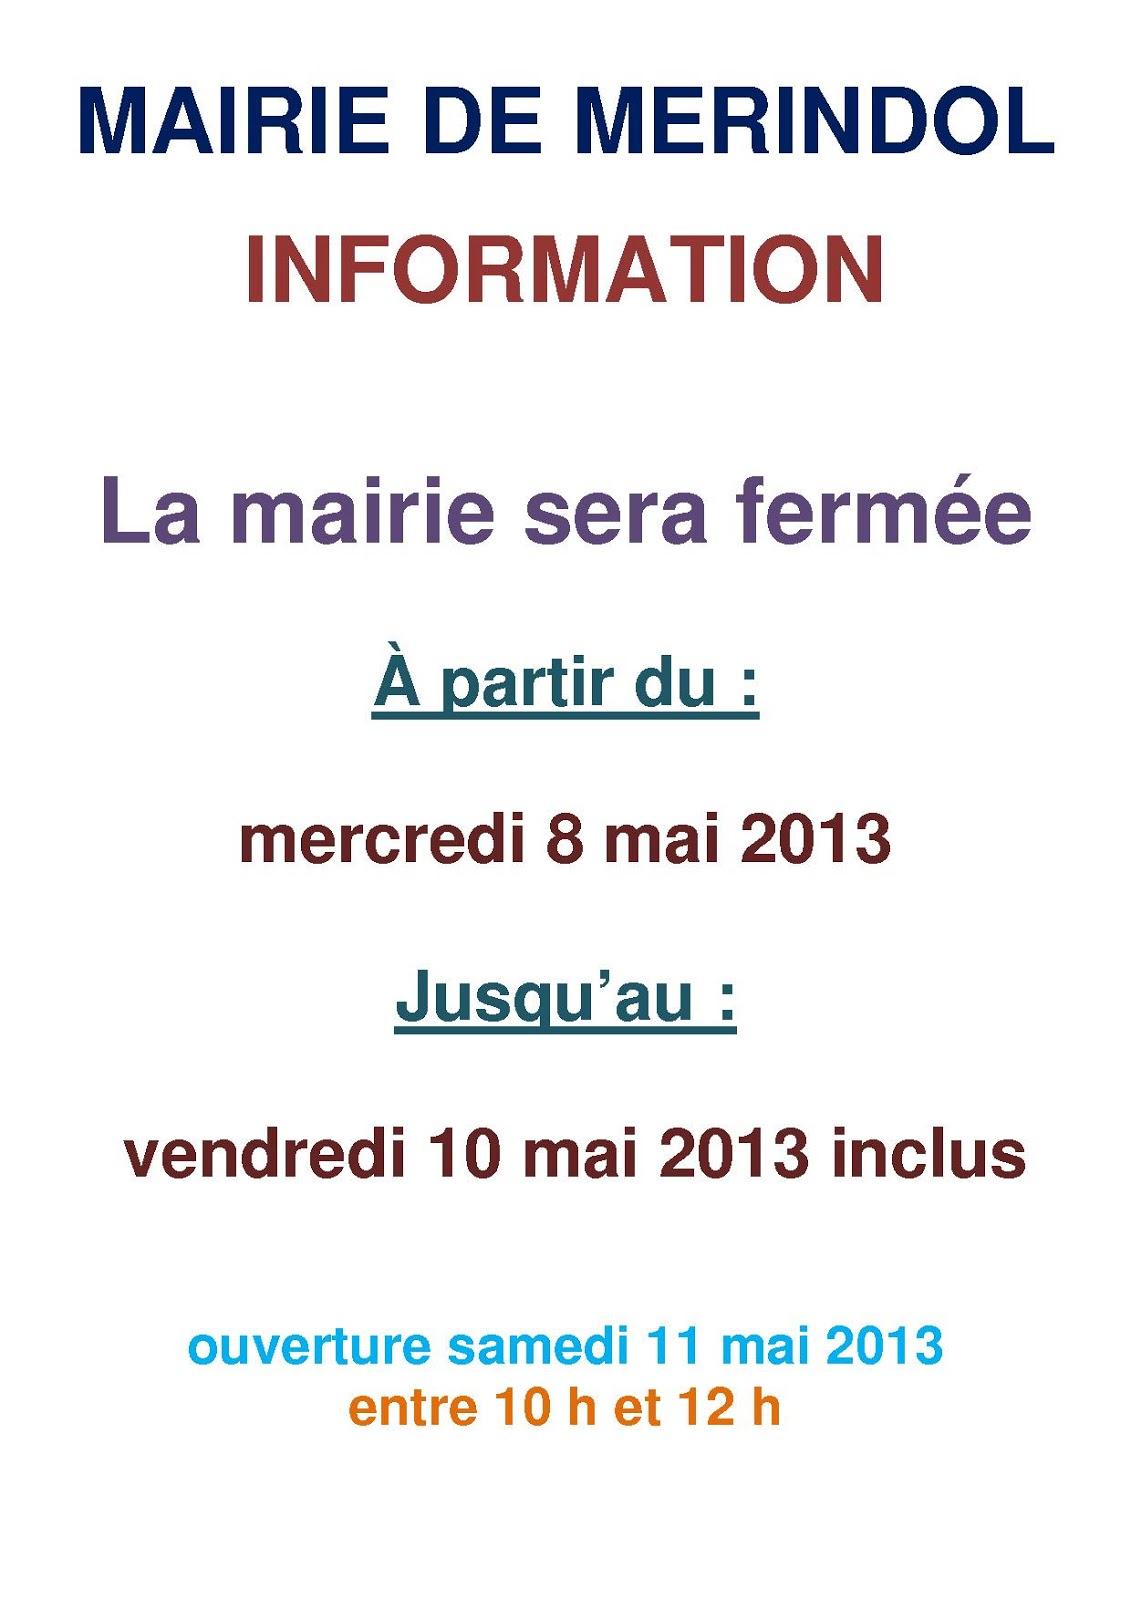 rencontres eco citoyennes merindol 2012